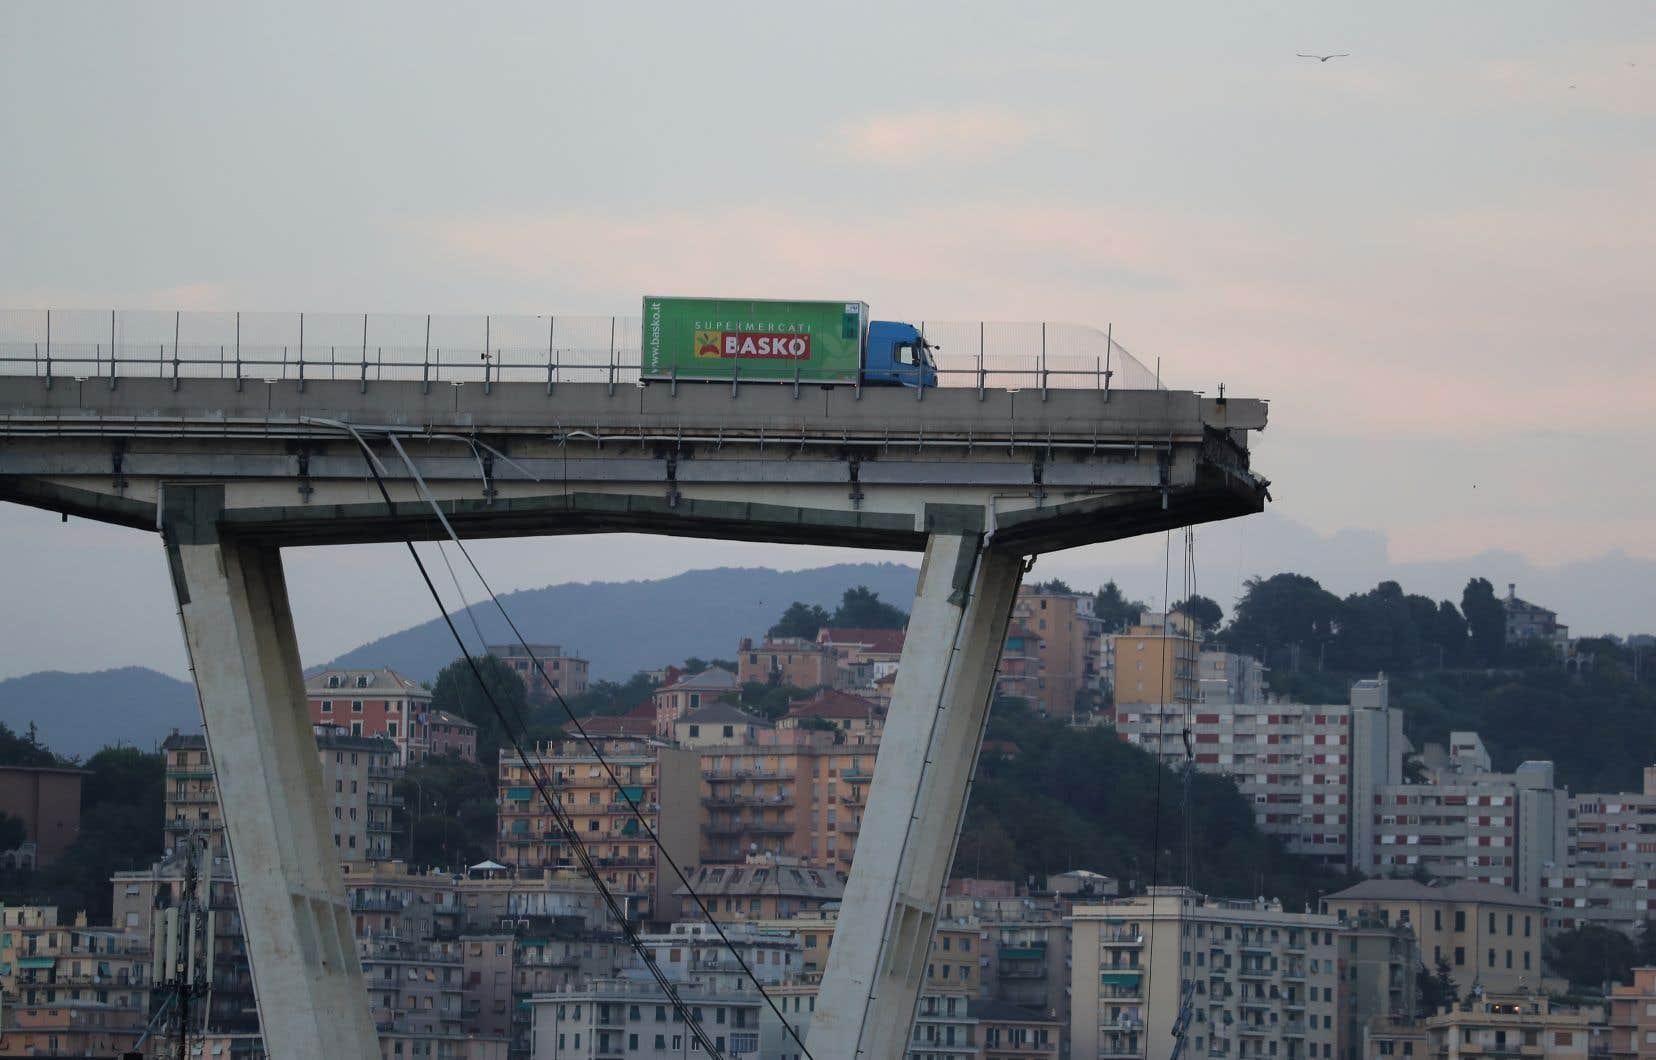 Un camion vert est resté figé sur la partie gauche du pont, à quelques mètres du précipice.